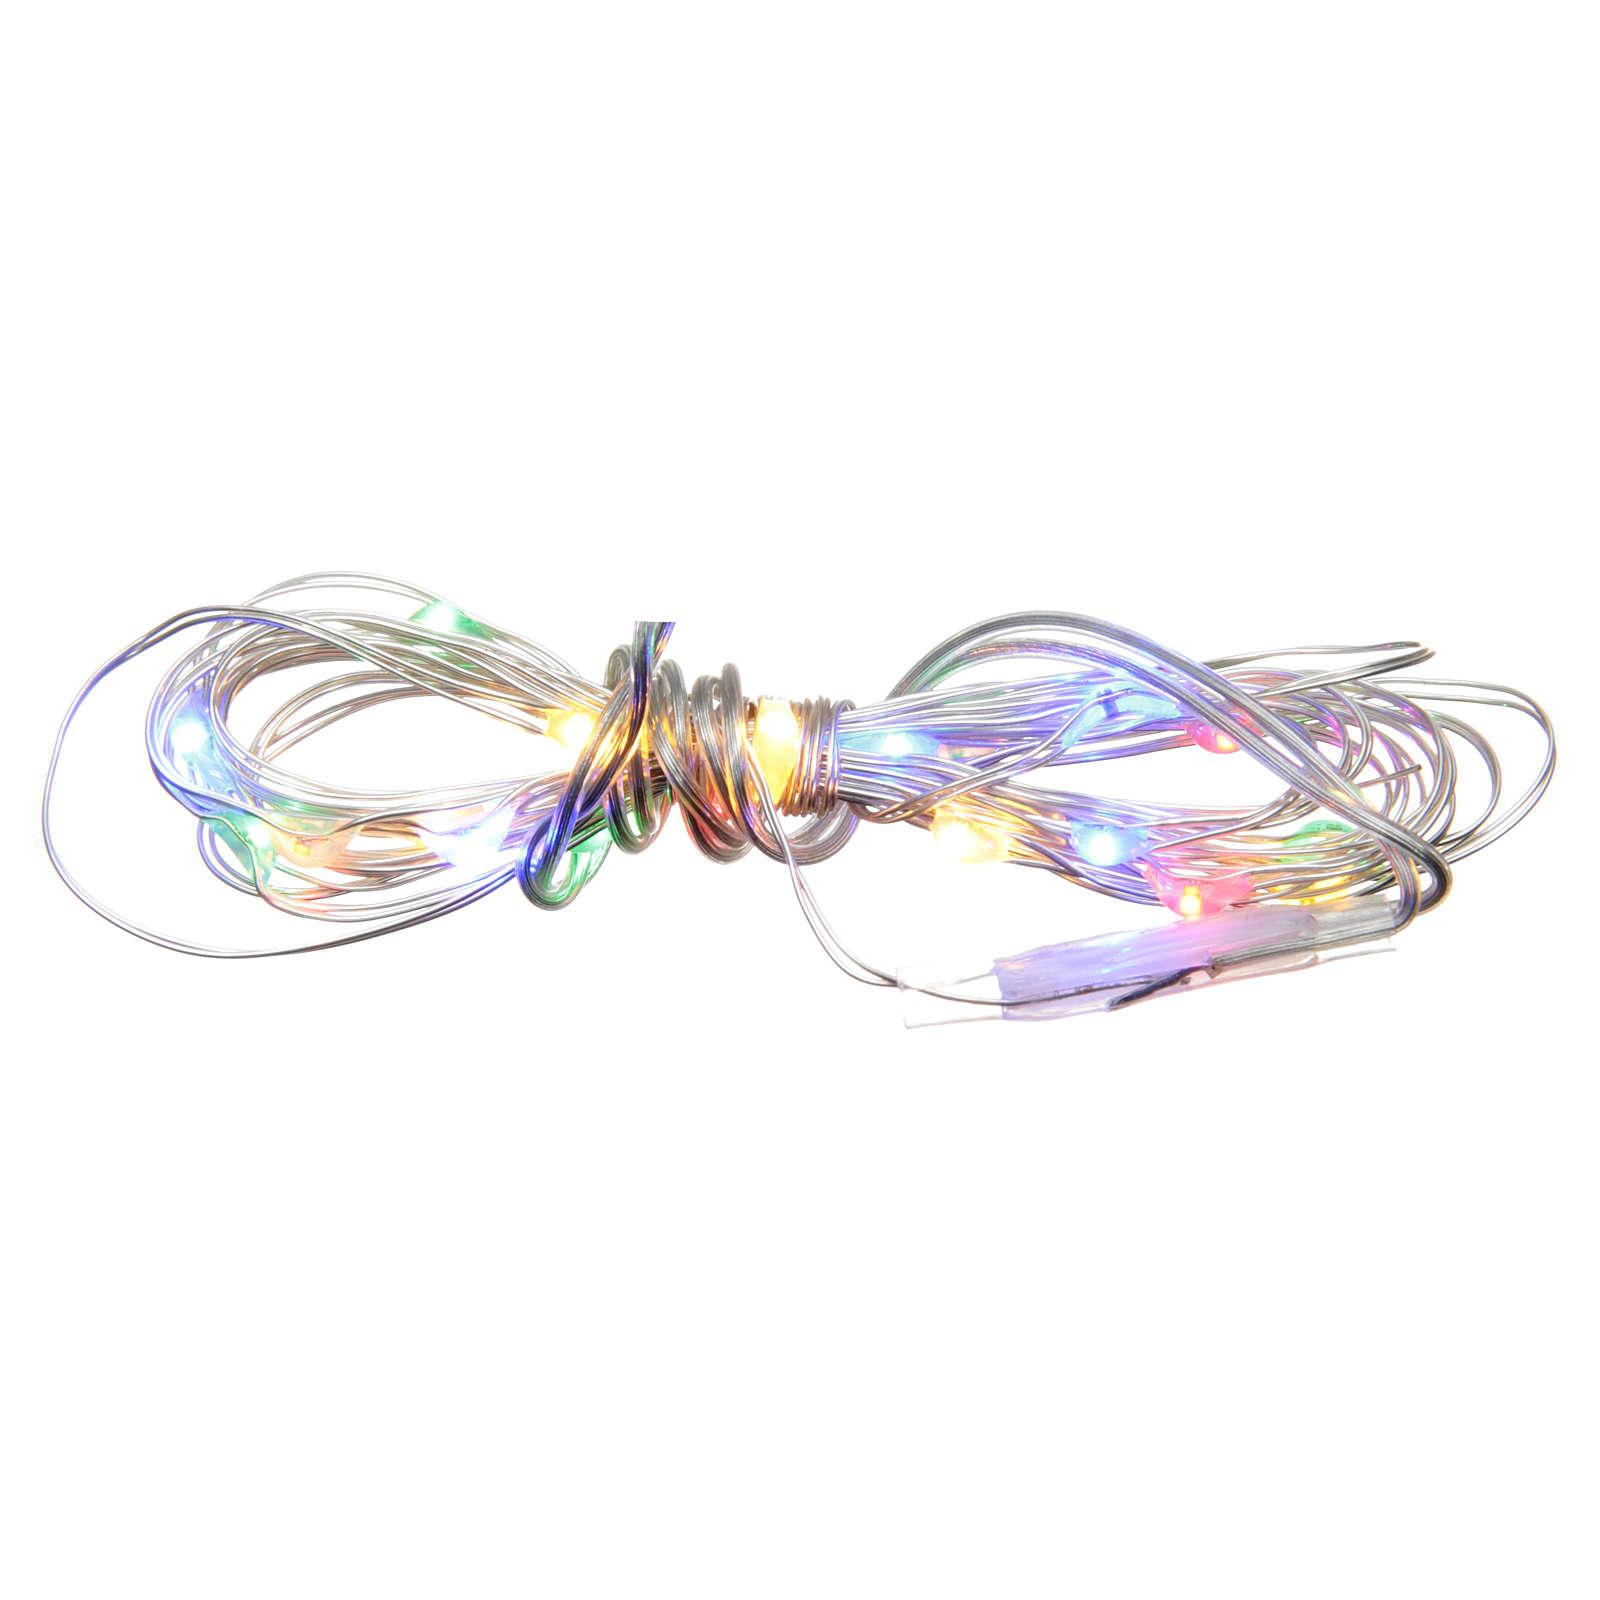 Luce di Natale 20 luci led a goccia multicolore a batteria filo nudo 3